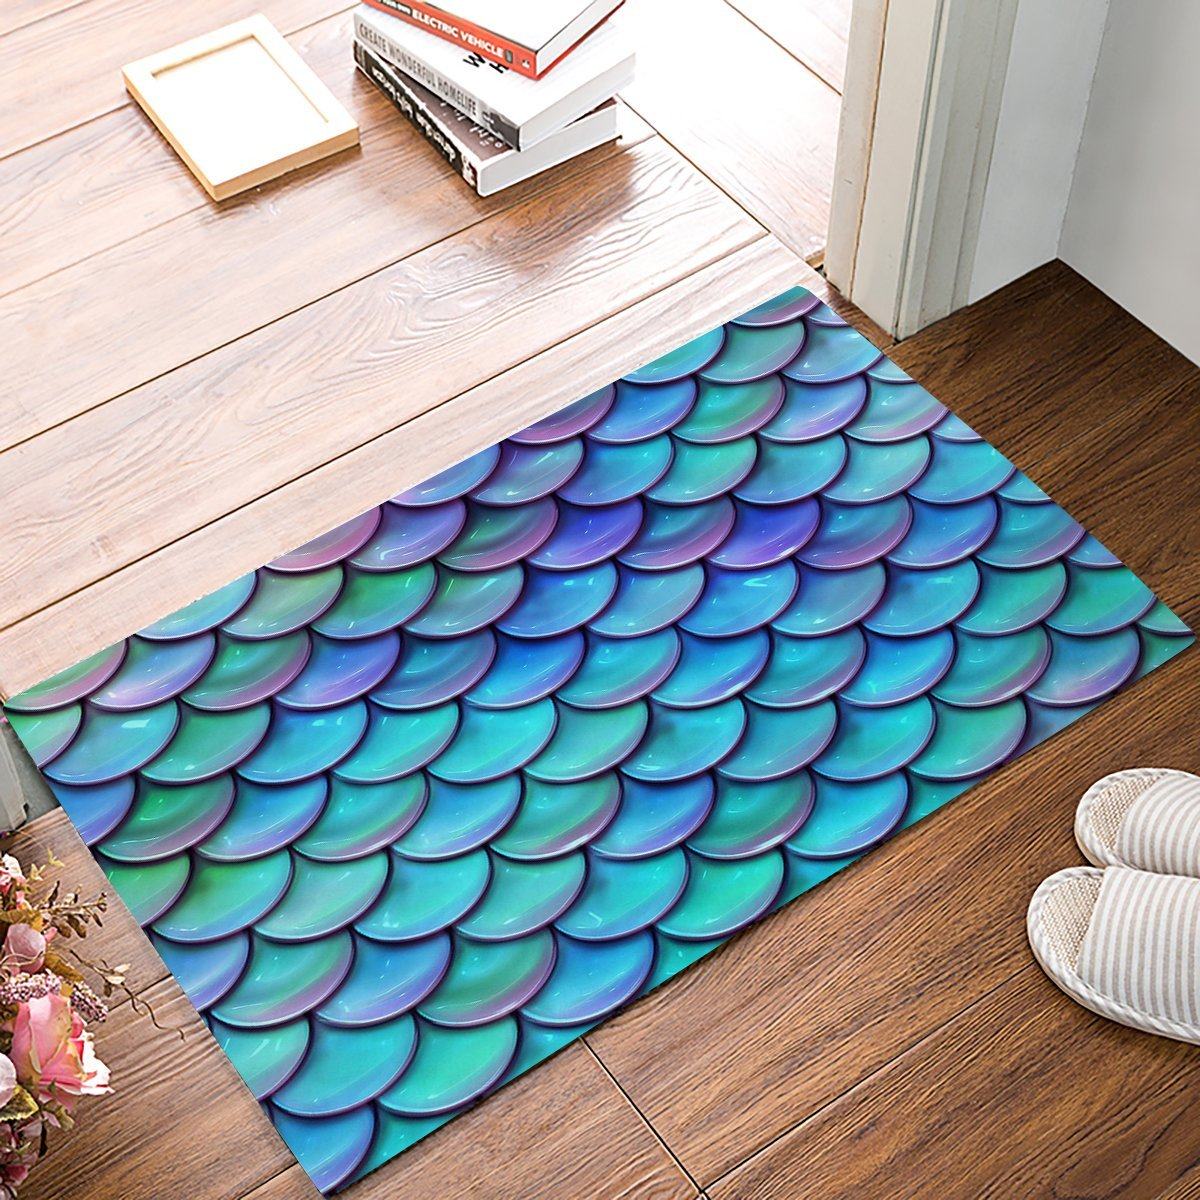 Fantasy Gradient Fish Scale Door Mats Kitchen Floor Bath Entryway Rug Mat Indoor Bathroom Decor Doormats